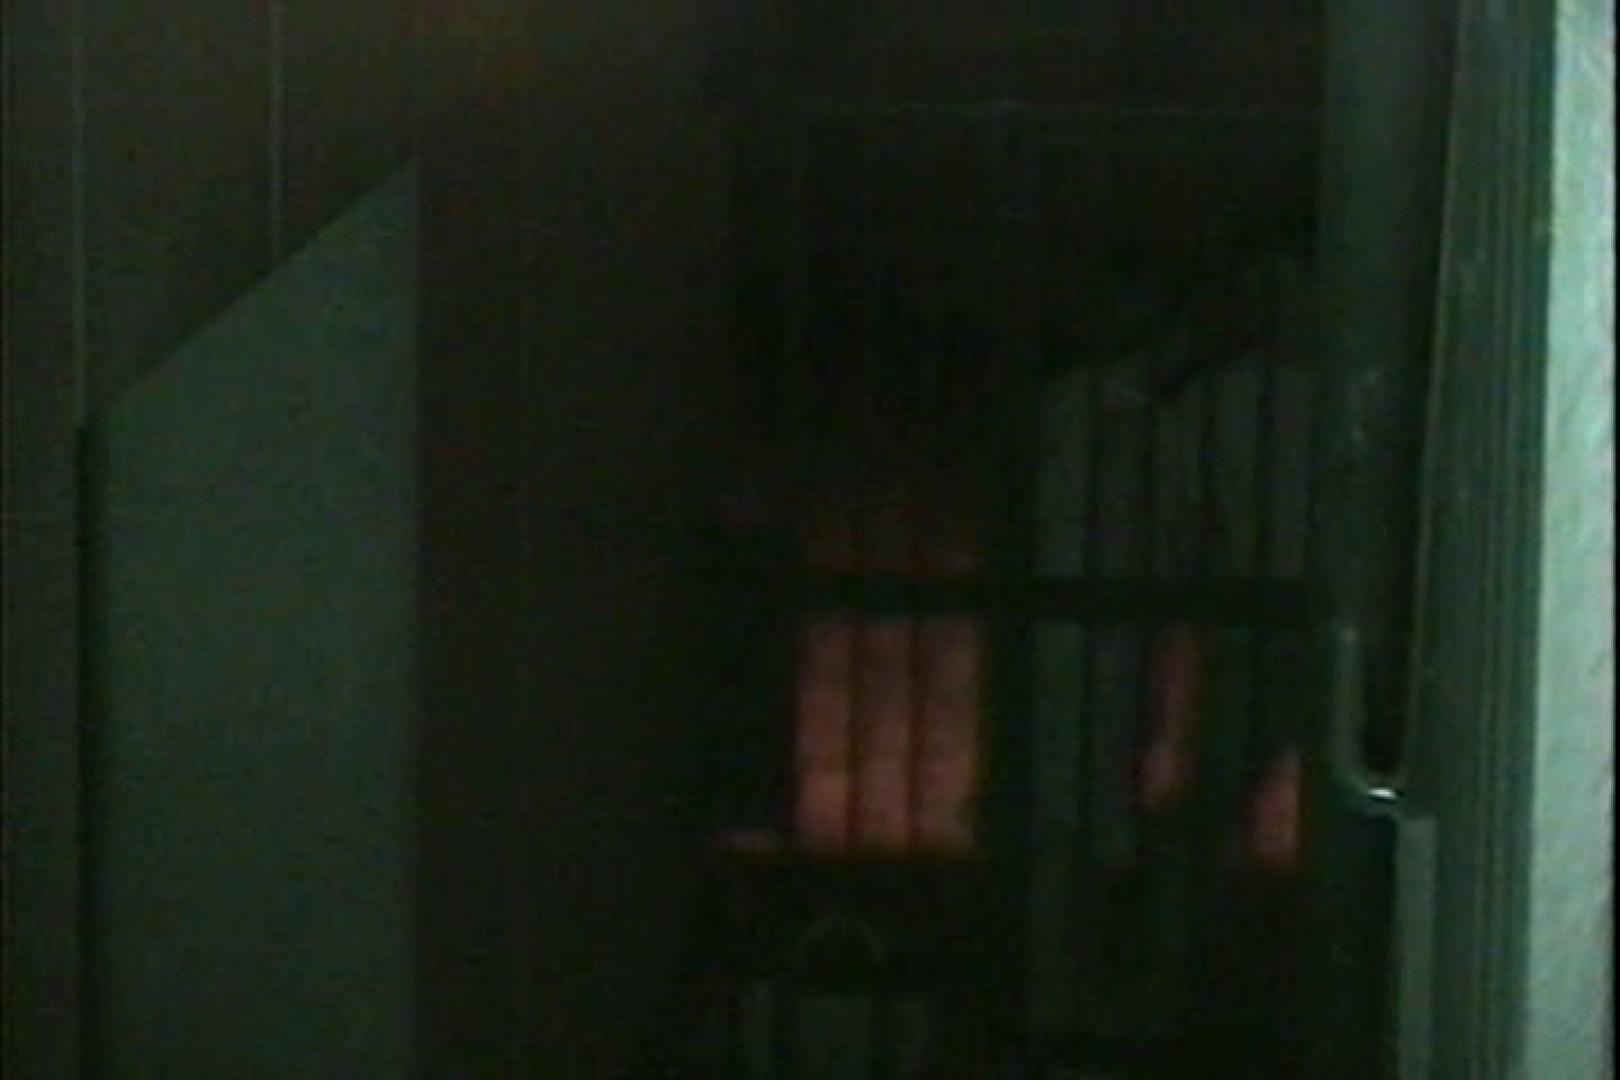 闇の仕掛け人 無修正版 Vol.19 OLエロ画像  102PICs 66